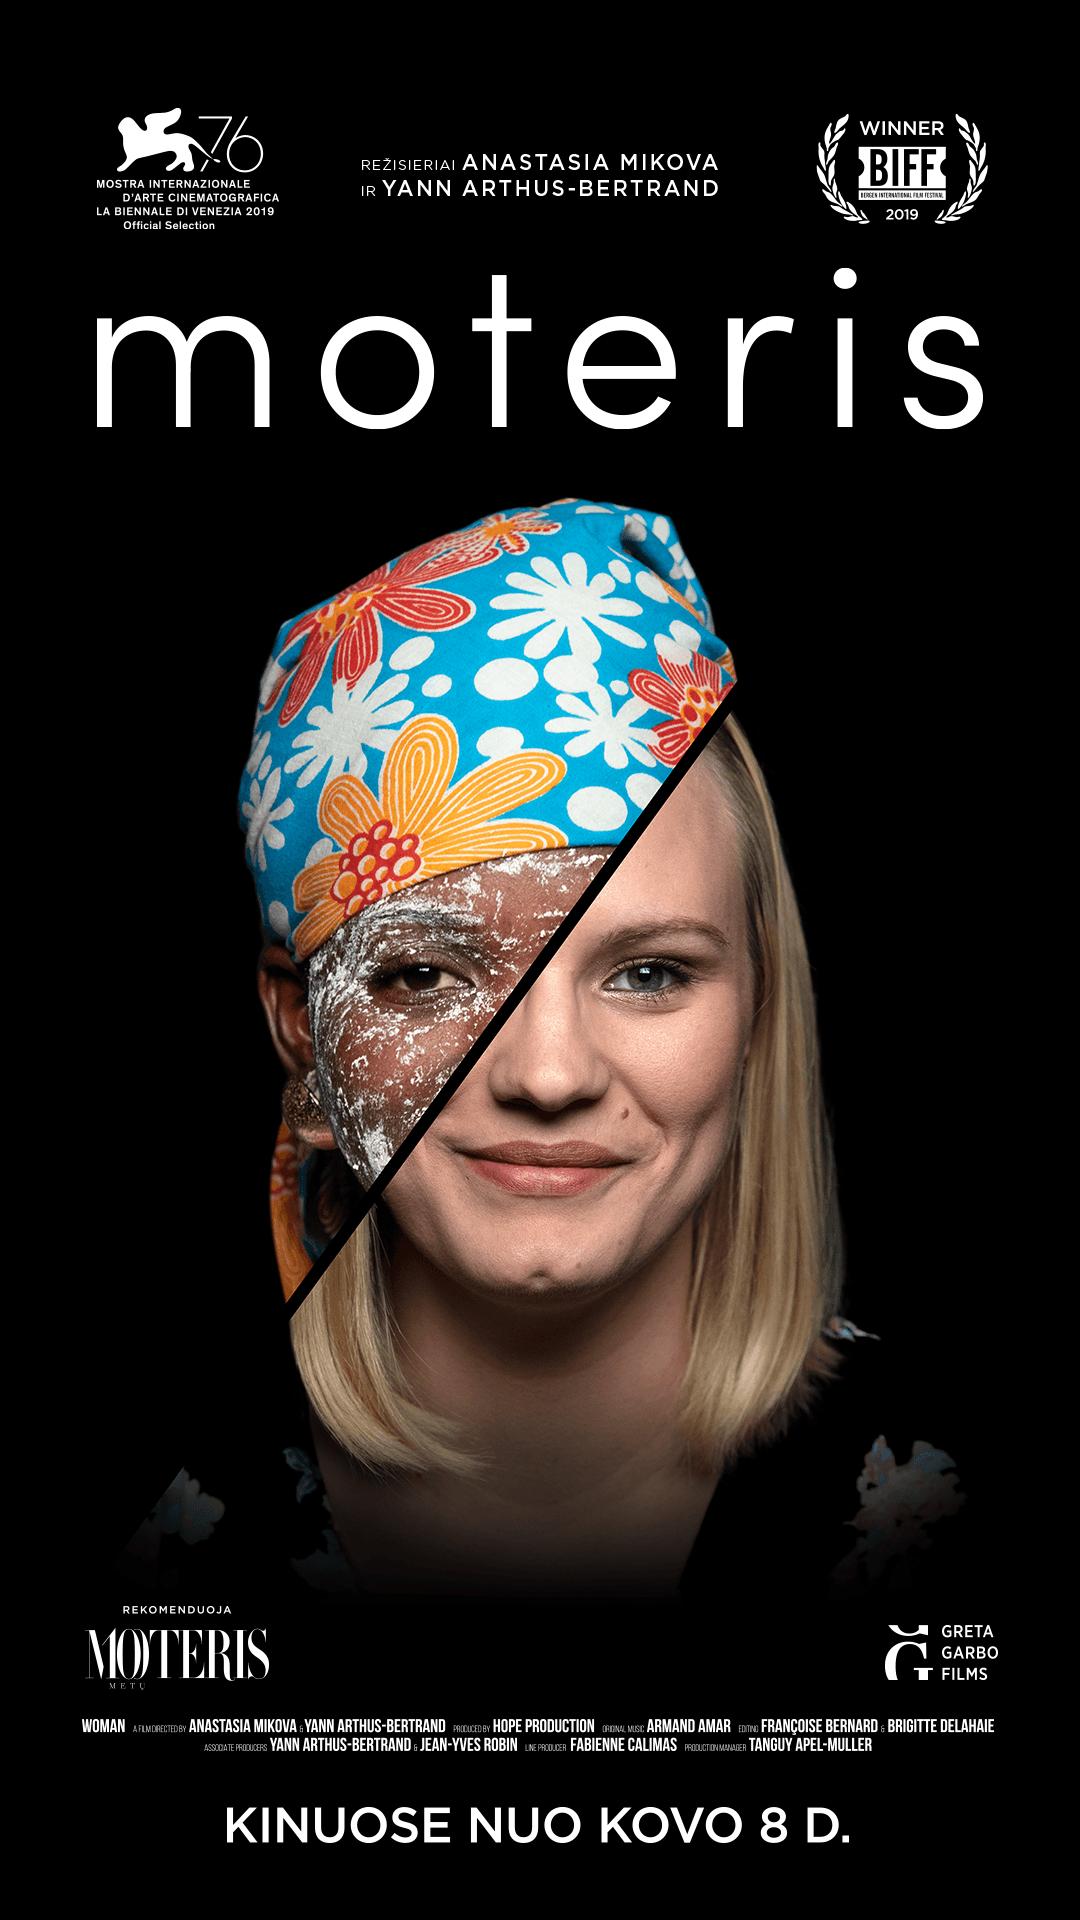 MultiBabyKino: MOTERIS (Woman)